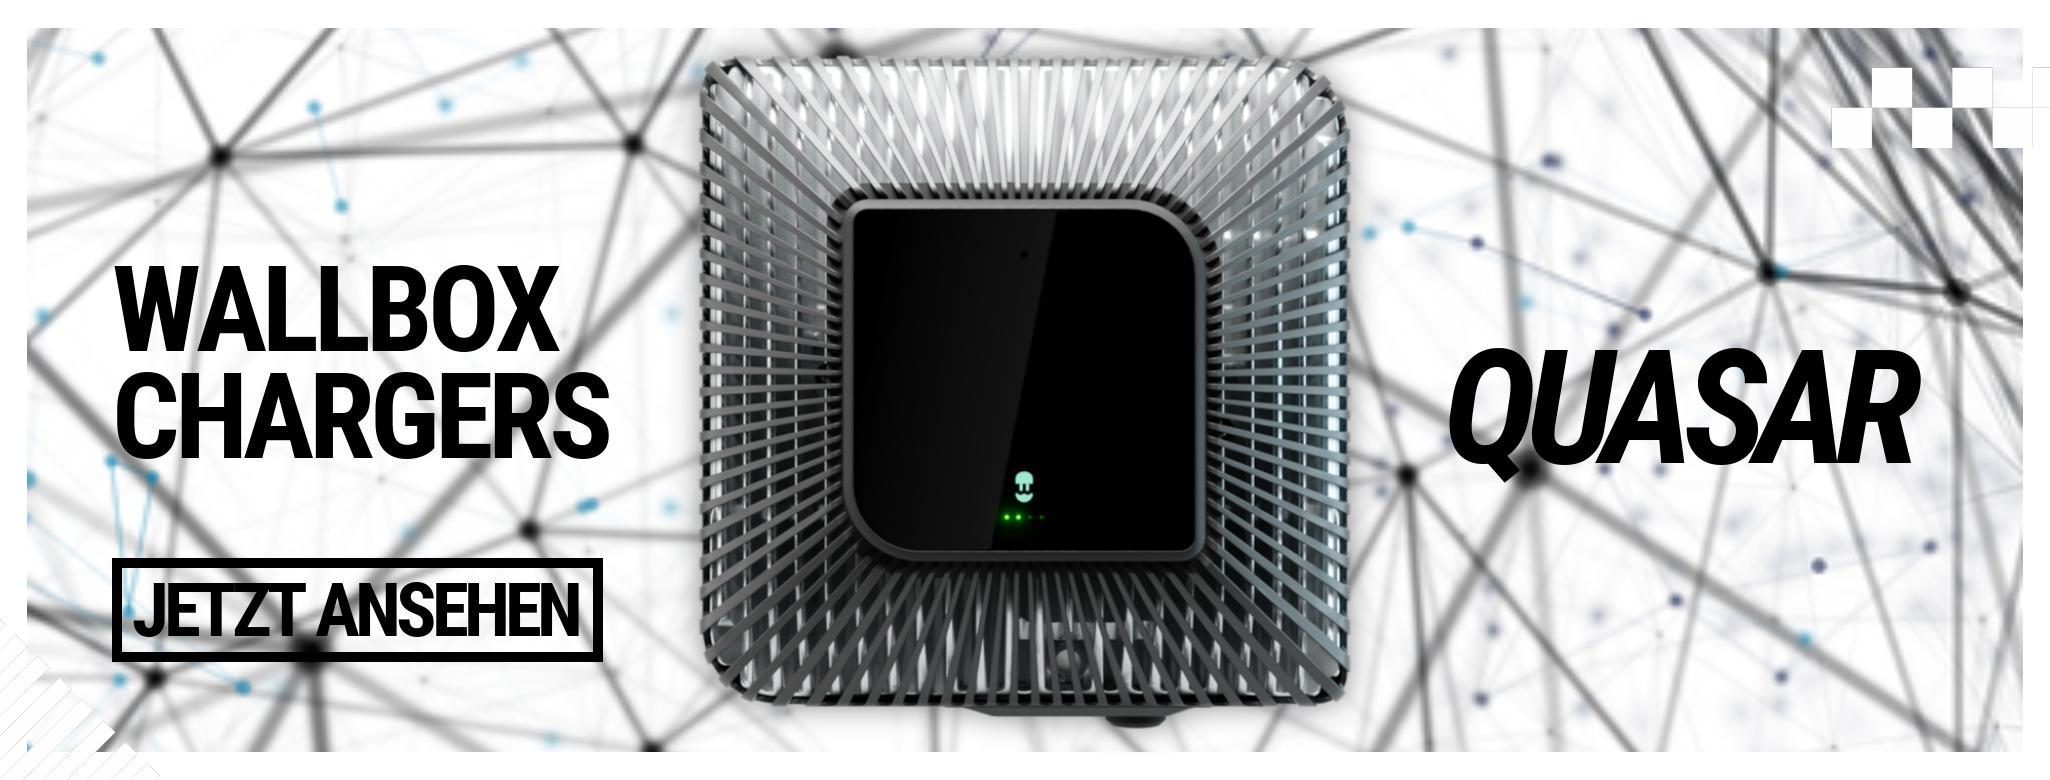 wallbox chargers quasar